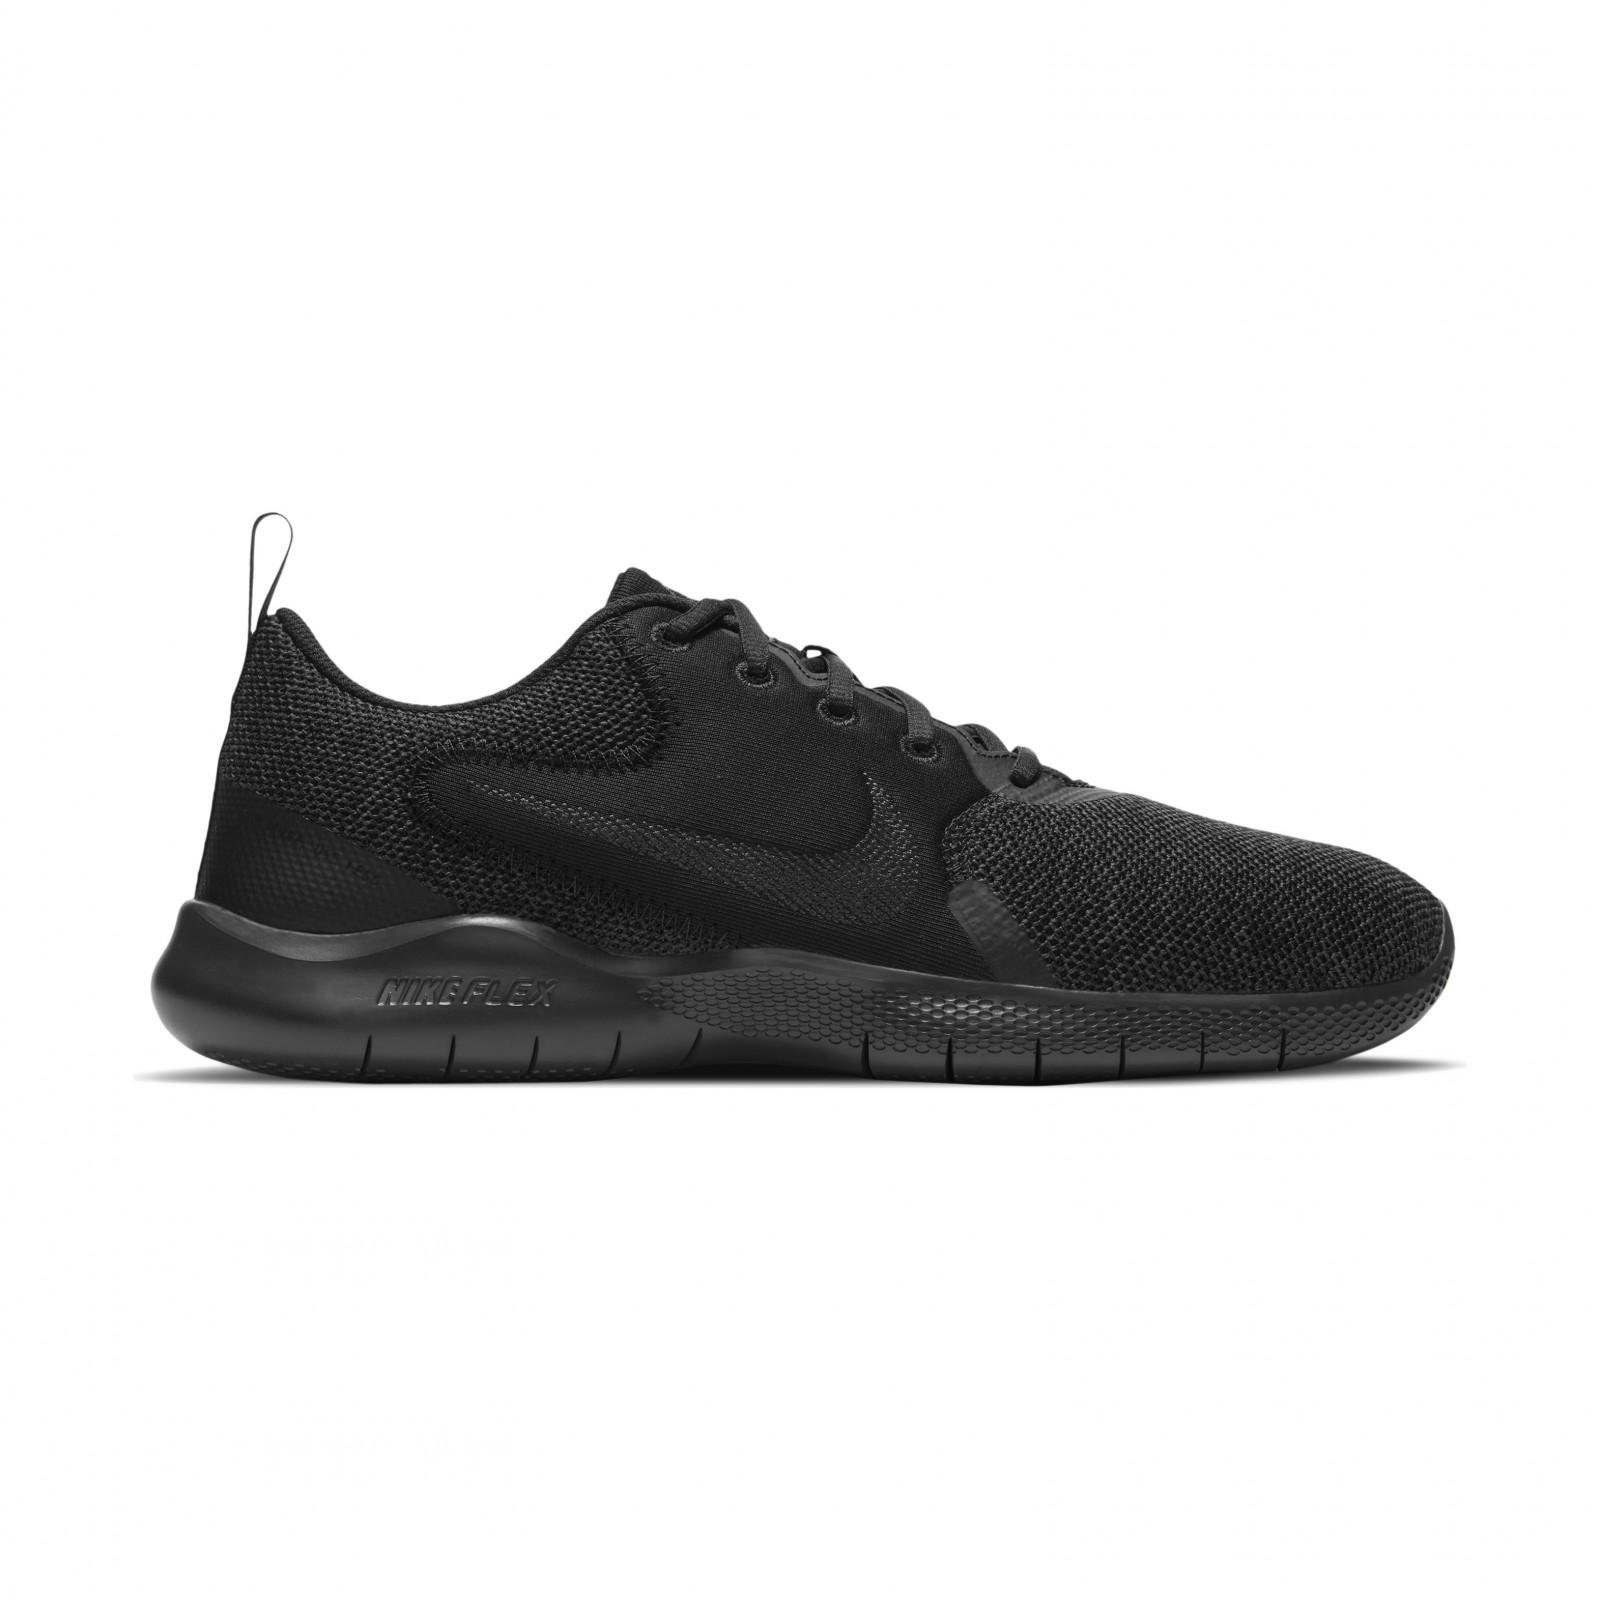 Nike Flex Experience Run 10 BLACK/DK SMOKE GREY